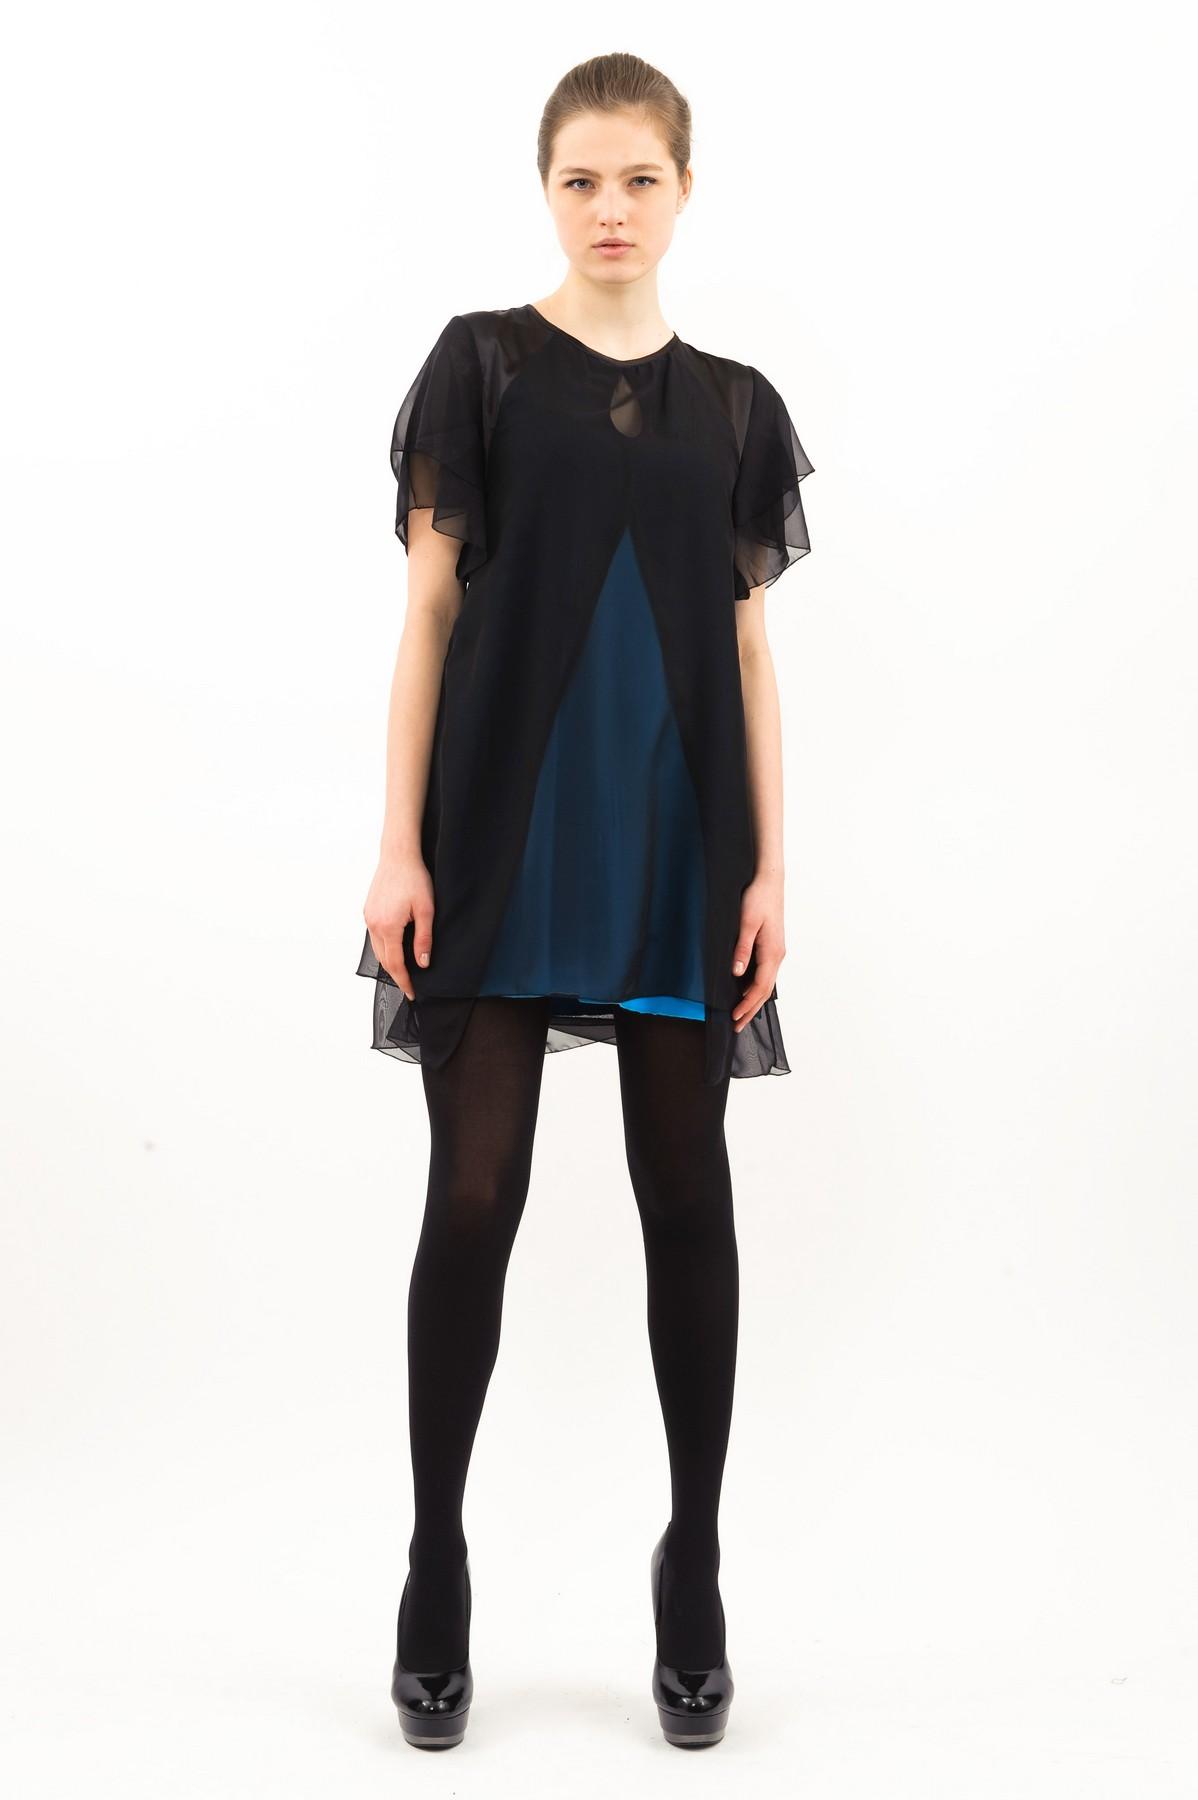 ПлатьеПлатья,  сарафаны<br>Восхитительное платье с шифоновыми рукавами и длиной чуть выше колен. Модель эффектной расцветки смотрится привлекательно и модно. Выполнено из превосходного сочетания двух тканей.<br><br>Цвет: черный,бирюзовый<br>Состав: ткань1-92% вискоза, 8% лайкра, ткань 2-100% полиэстер<br>Размер: 40,42,44,46,48,52,54,56,58,60<br>Страна дизайна: Россия<br>Страна производства: Россия